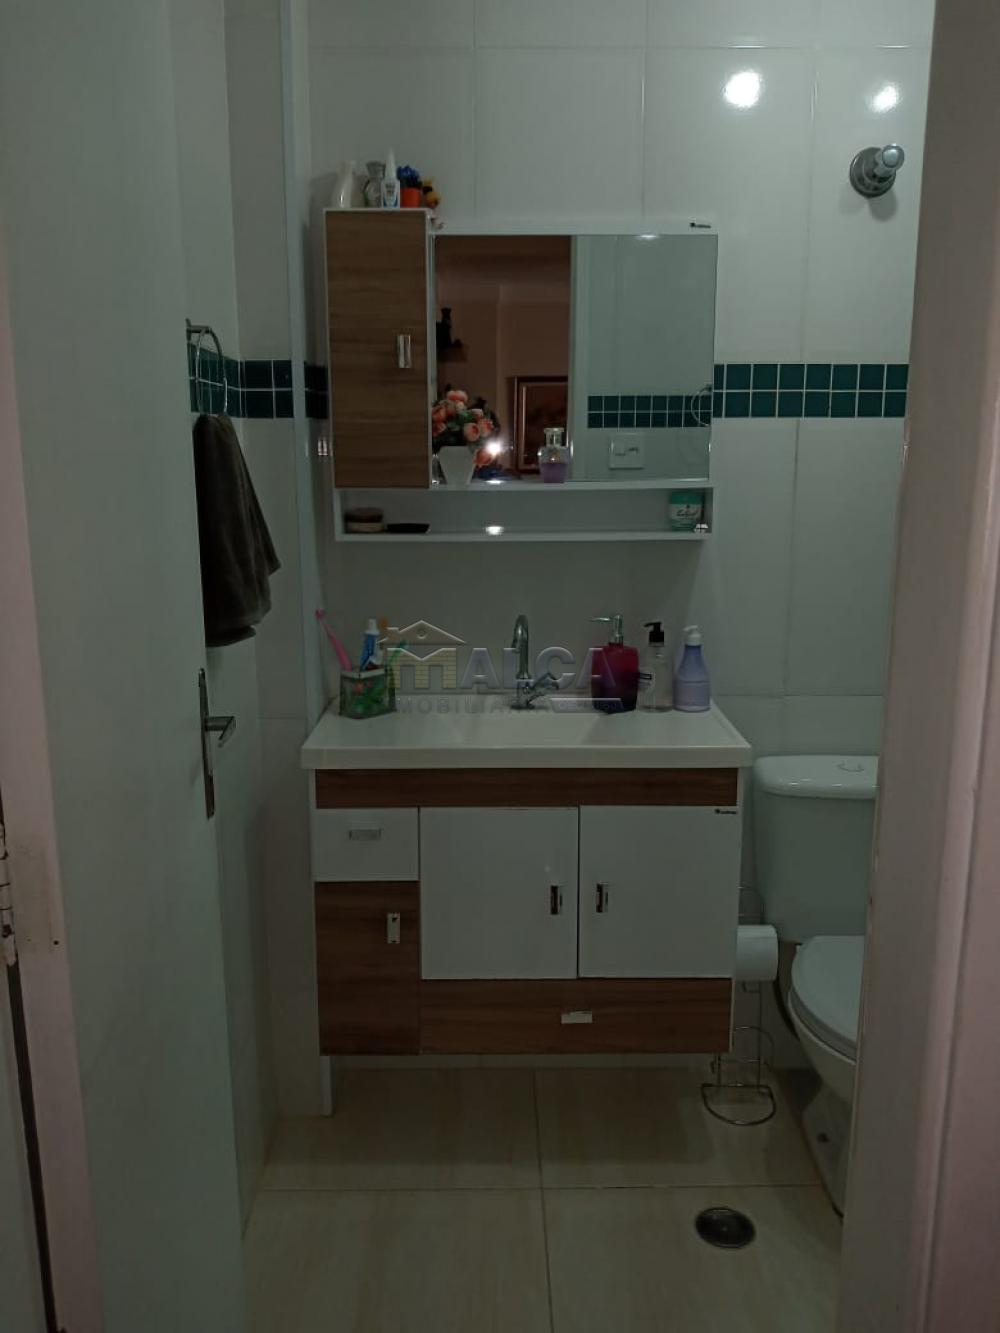 Comprar Apartamentos / Padrão em São Paulo R$ 350.000,00 - Foto 9